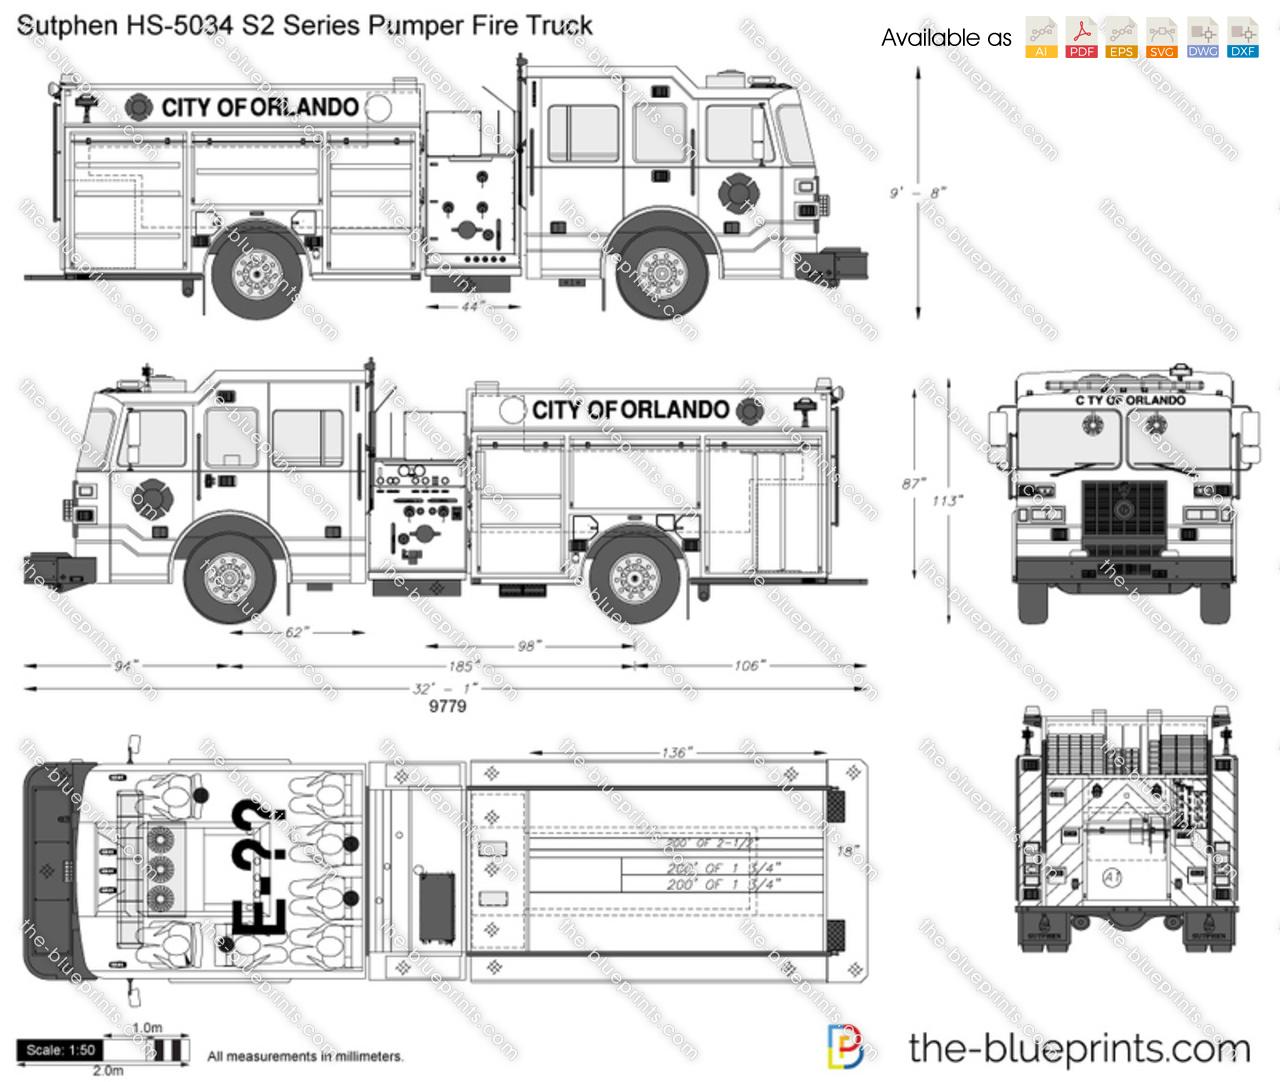 Sutphen HS-5034 S2 Series Pumper Fire Truck